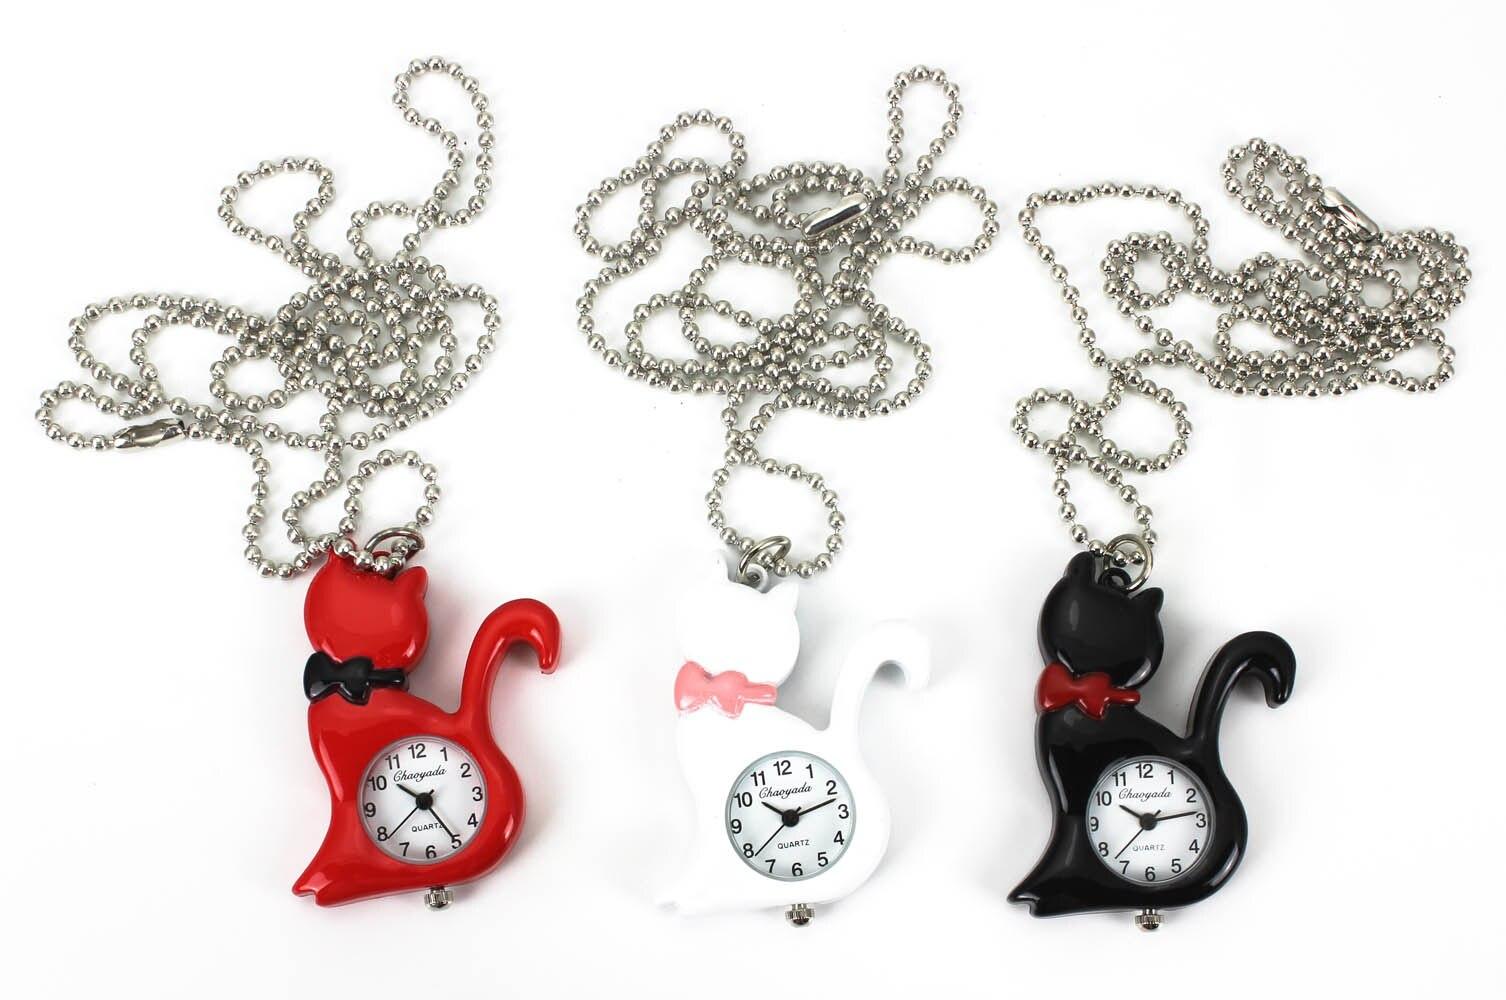 Nieuwe mode vrouwen kat ketting horloges steampunk hanger zak charme - Zakhorloge - Foto 4